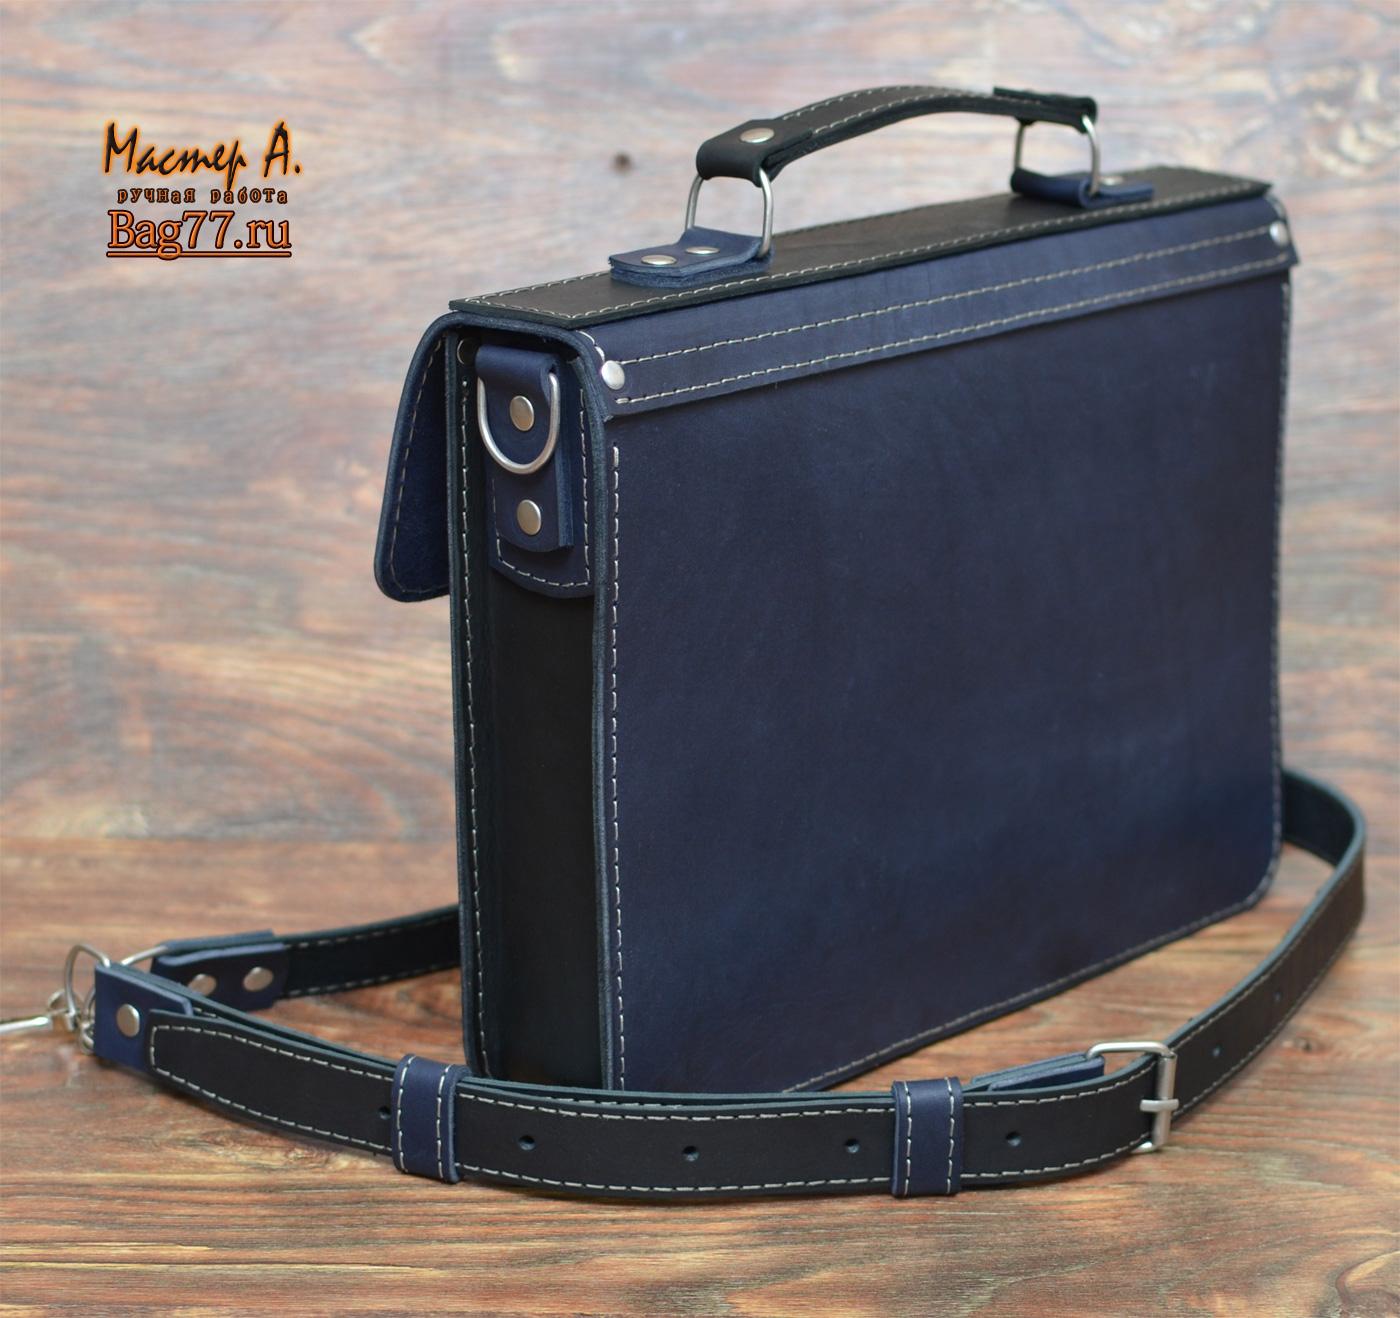 383c6e0a9cf8 Оригинальный мужской портфель ручной работы « Bag77.ru — кожаные ...